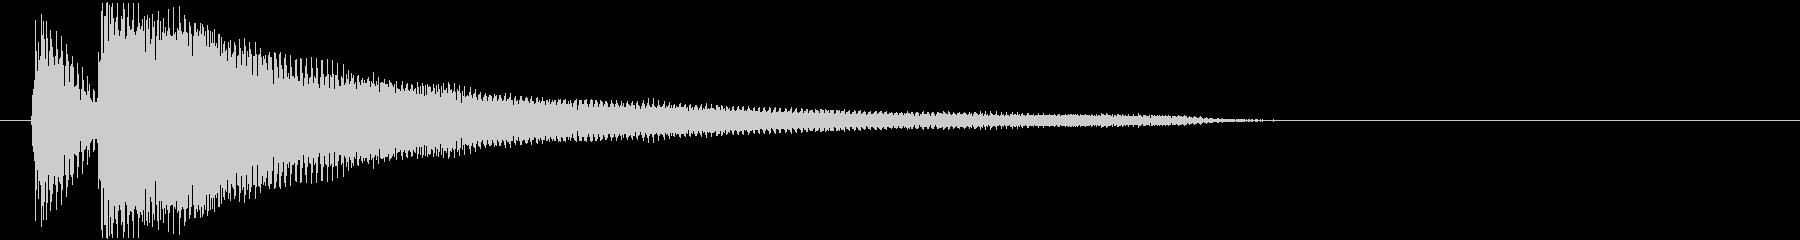 ジャジャーン(ピアノ)MLの未再生の波形